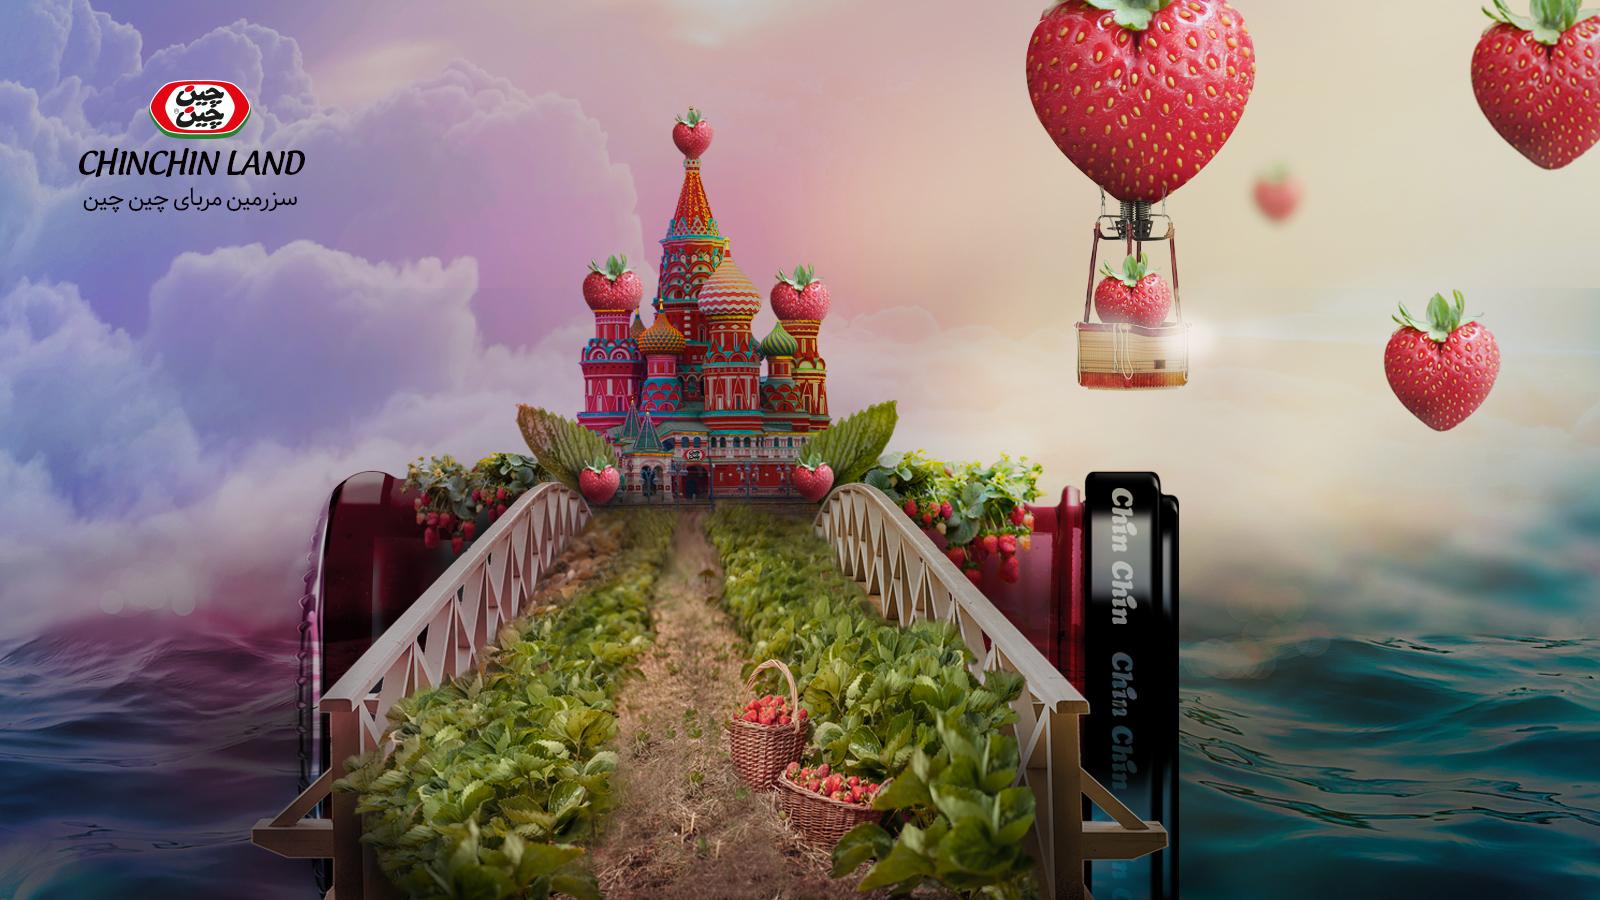 مربای توت فرنگی چین چین